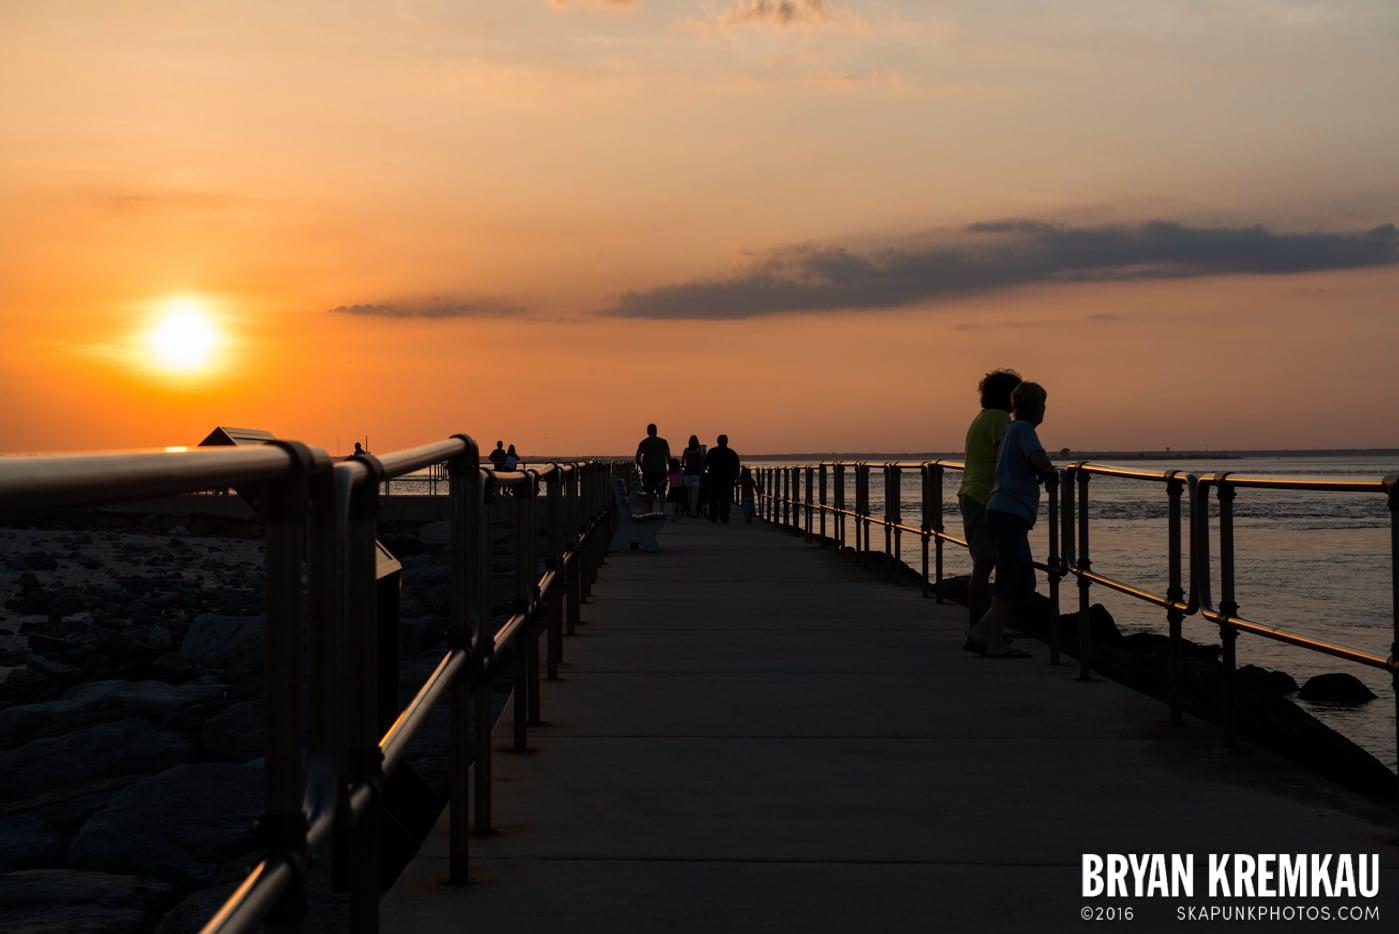 Beach Haven, Long Beach Island, NJ - 6.16.14 - 6.18.14 (11)